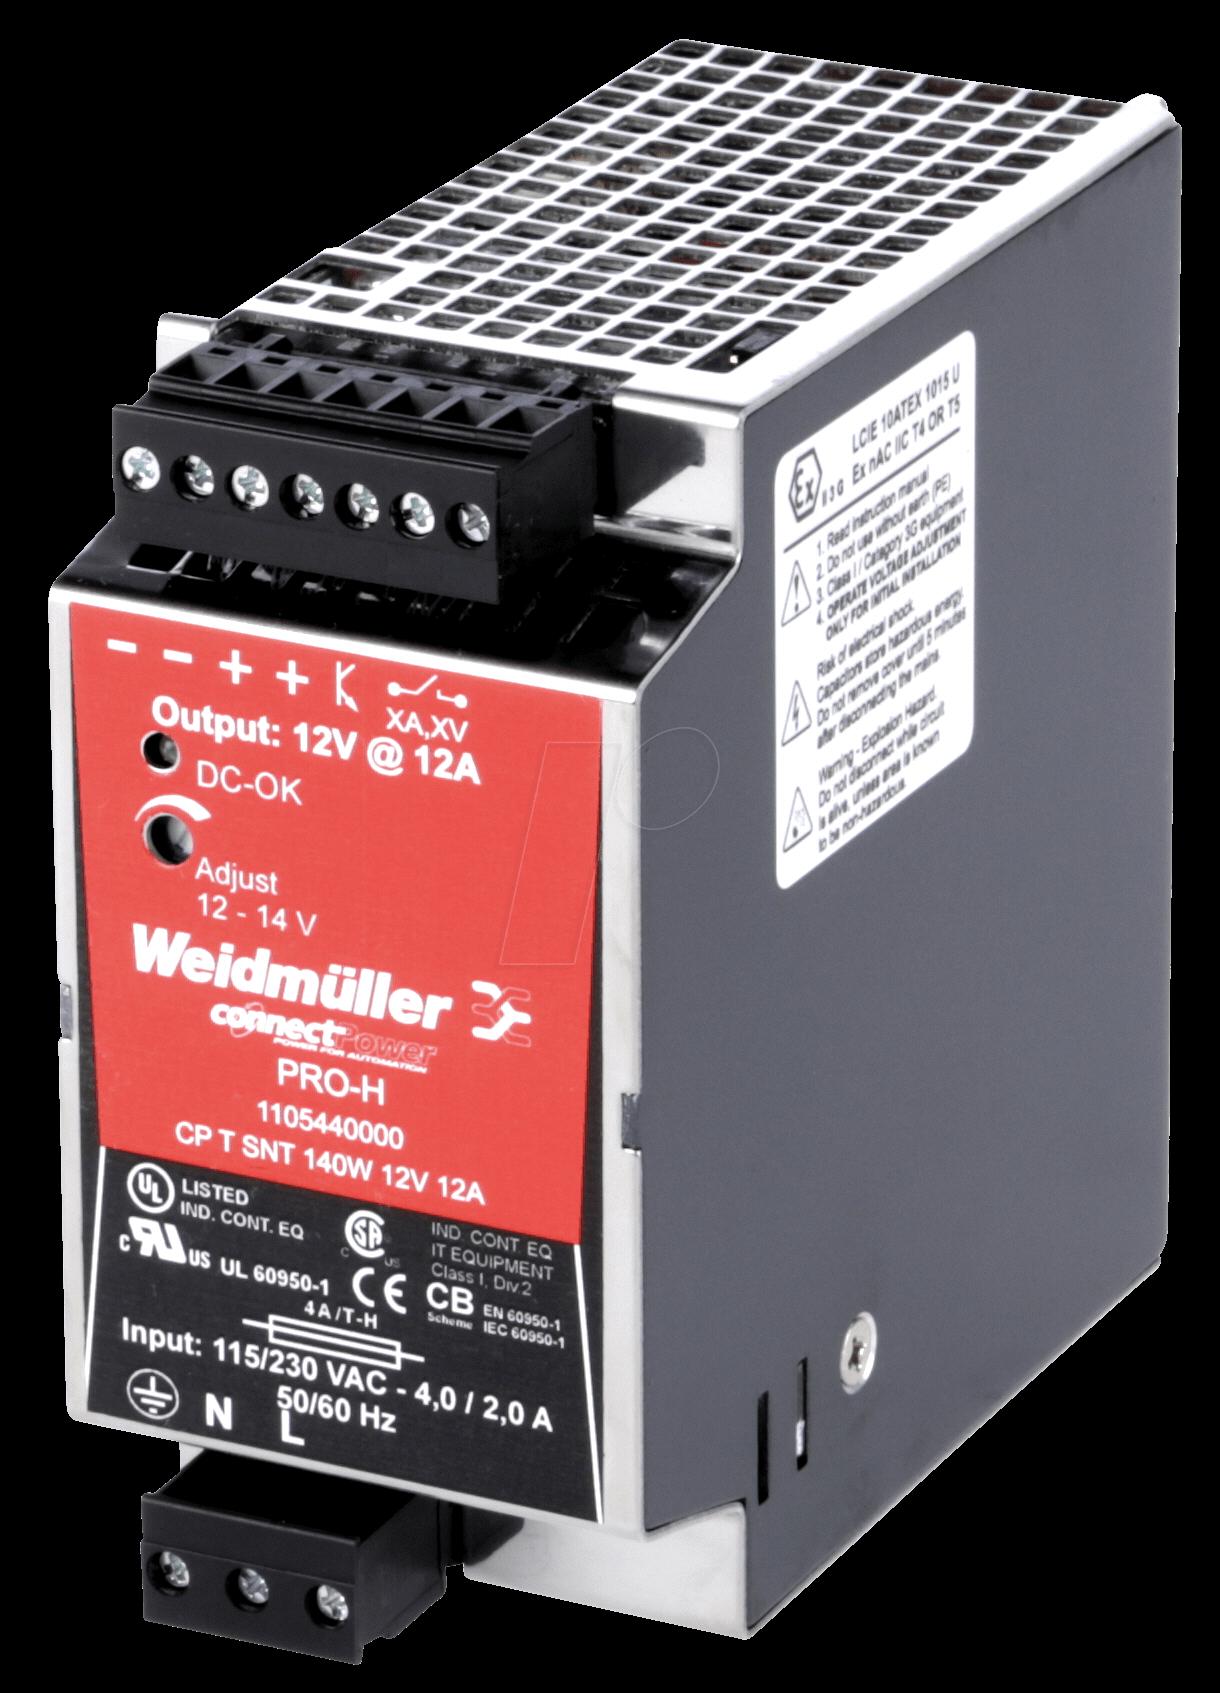 RD POWER 1 - Schaltnetzteil / 12 A, CP T SNT 140W 12V 12